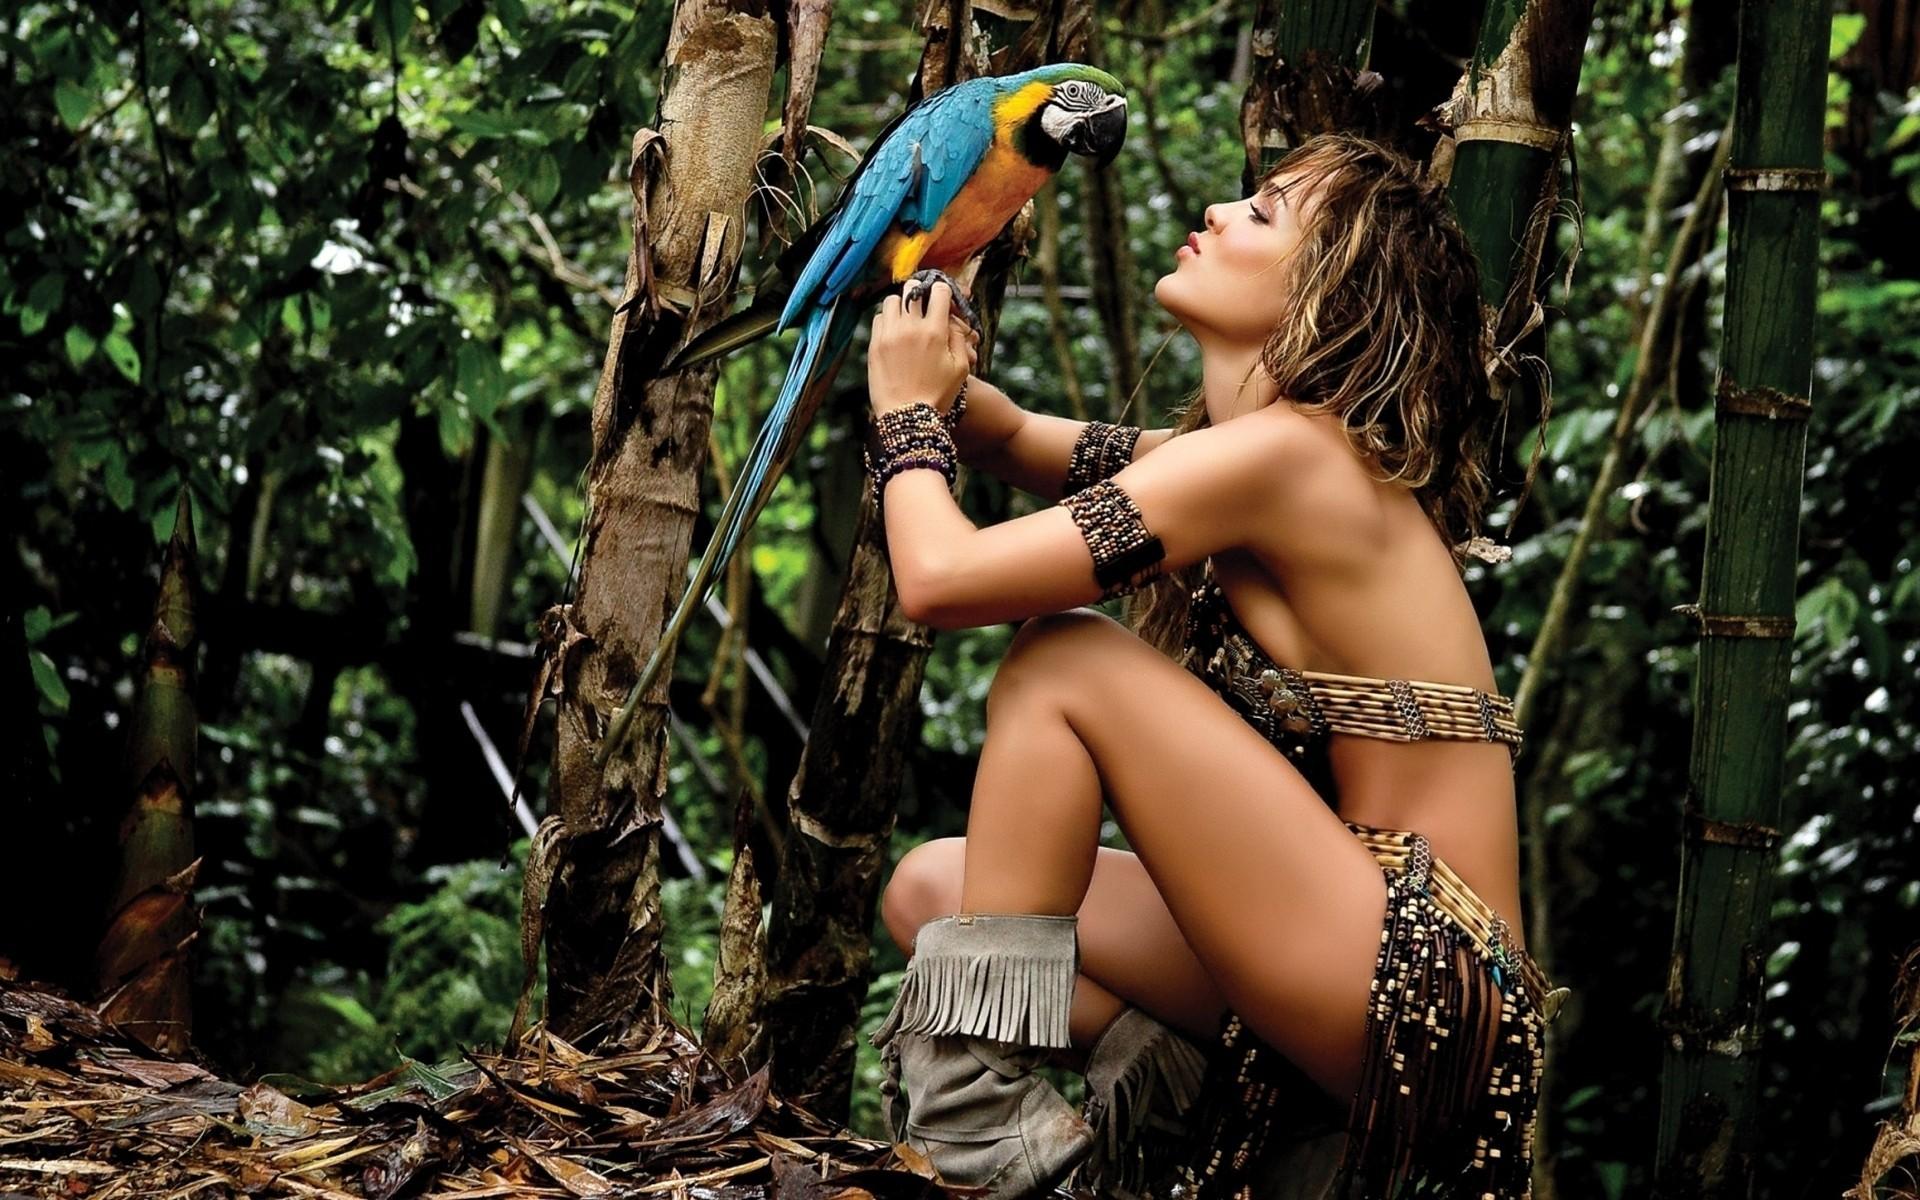 Красивые девушки в диком амазонке, смотреть онлайн дтп в курганской области